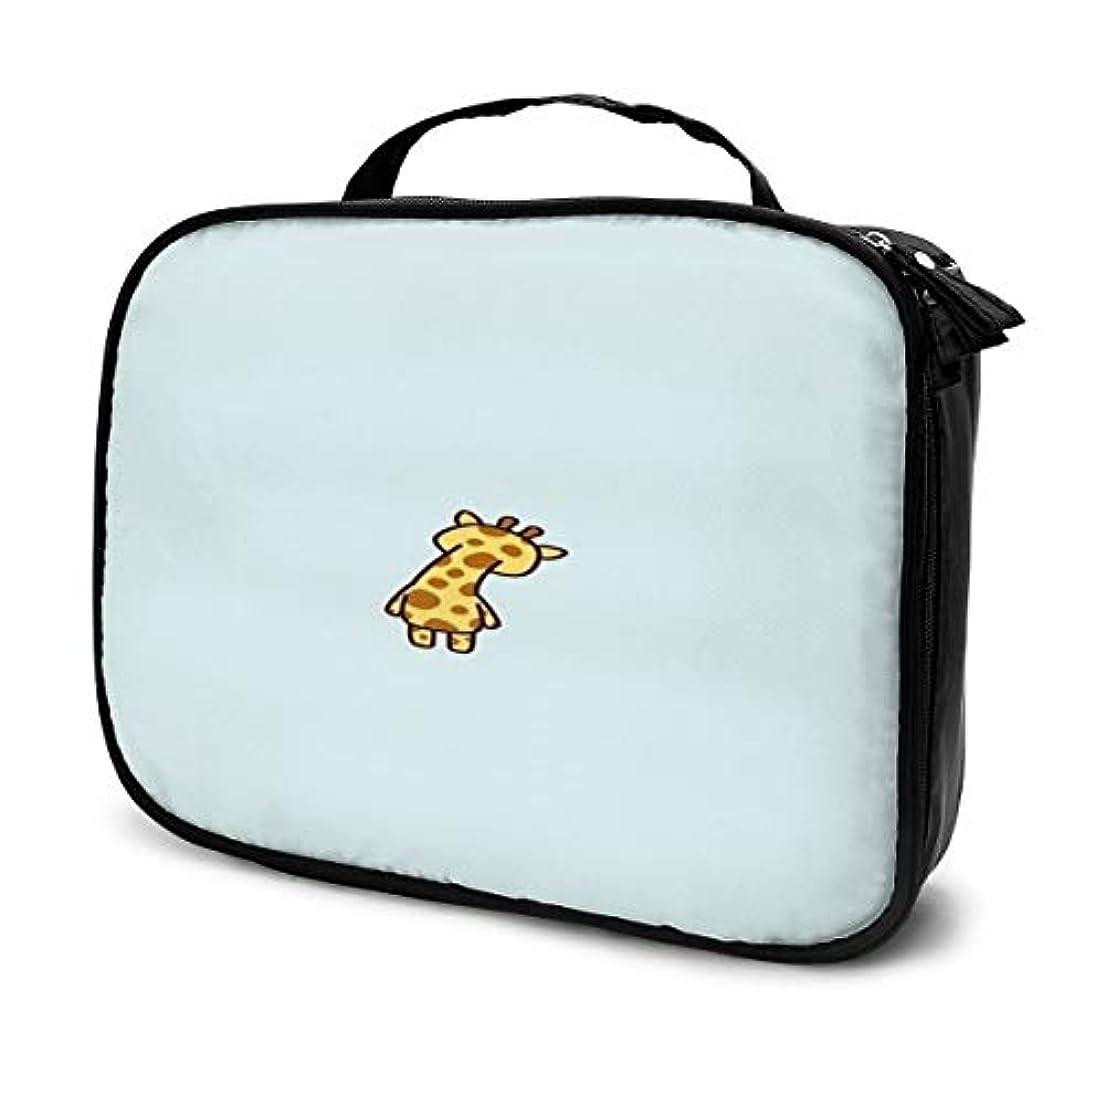 義務的簿記係彼らのものDaituキリン 化粧品袋の女性旅行バッグ収納大容量防水アクセサリー旅行